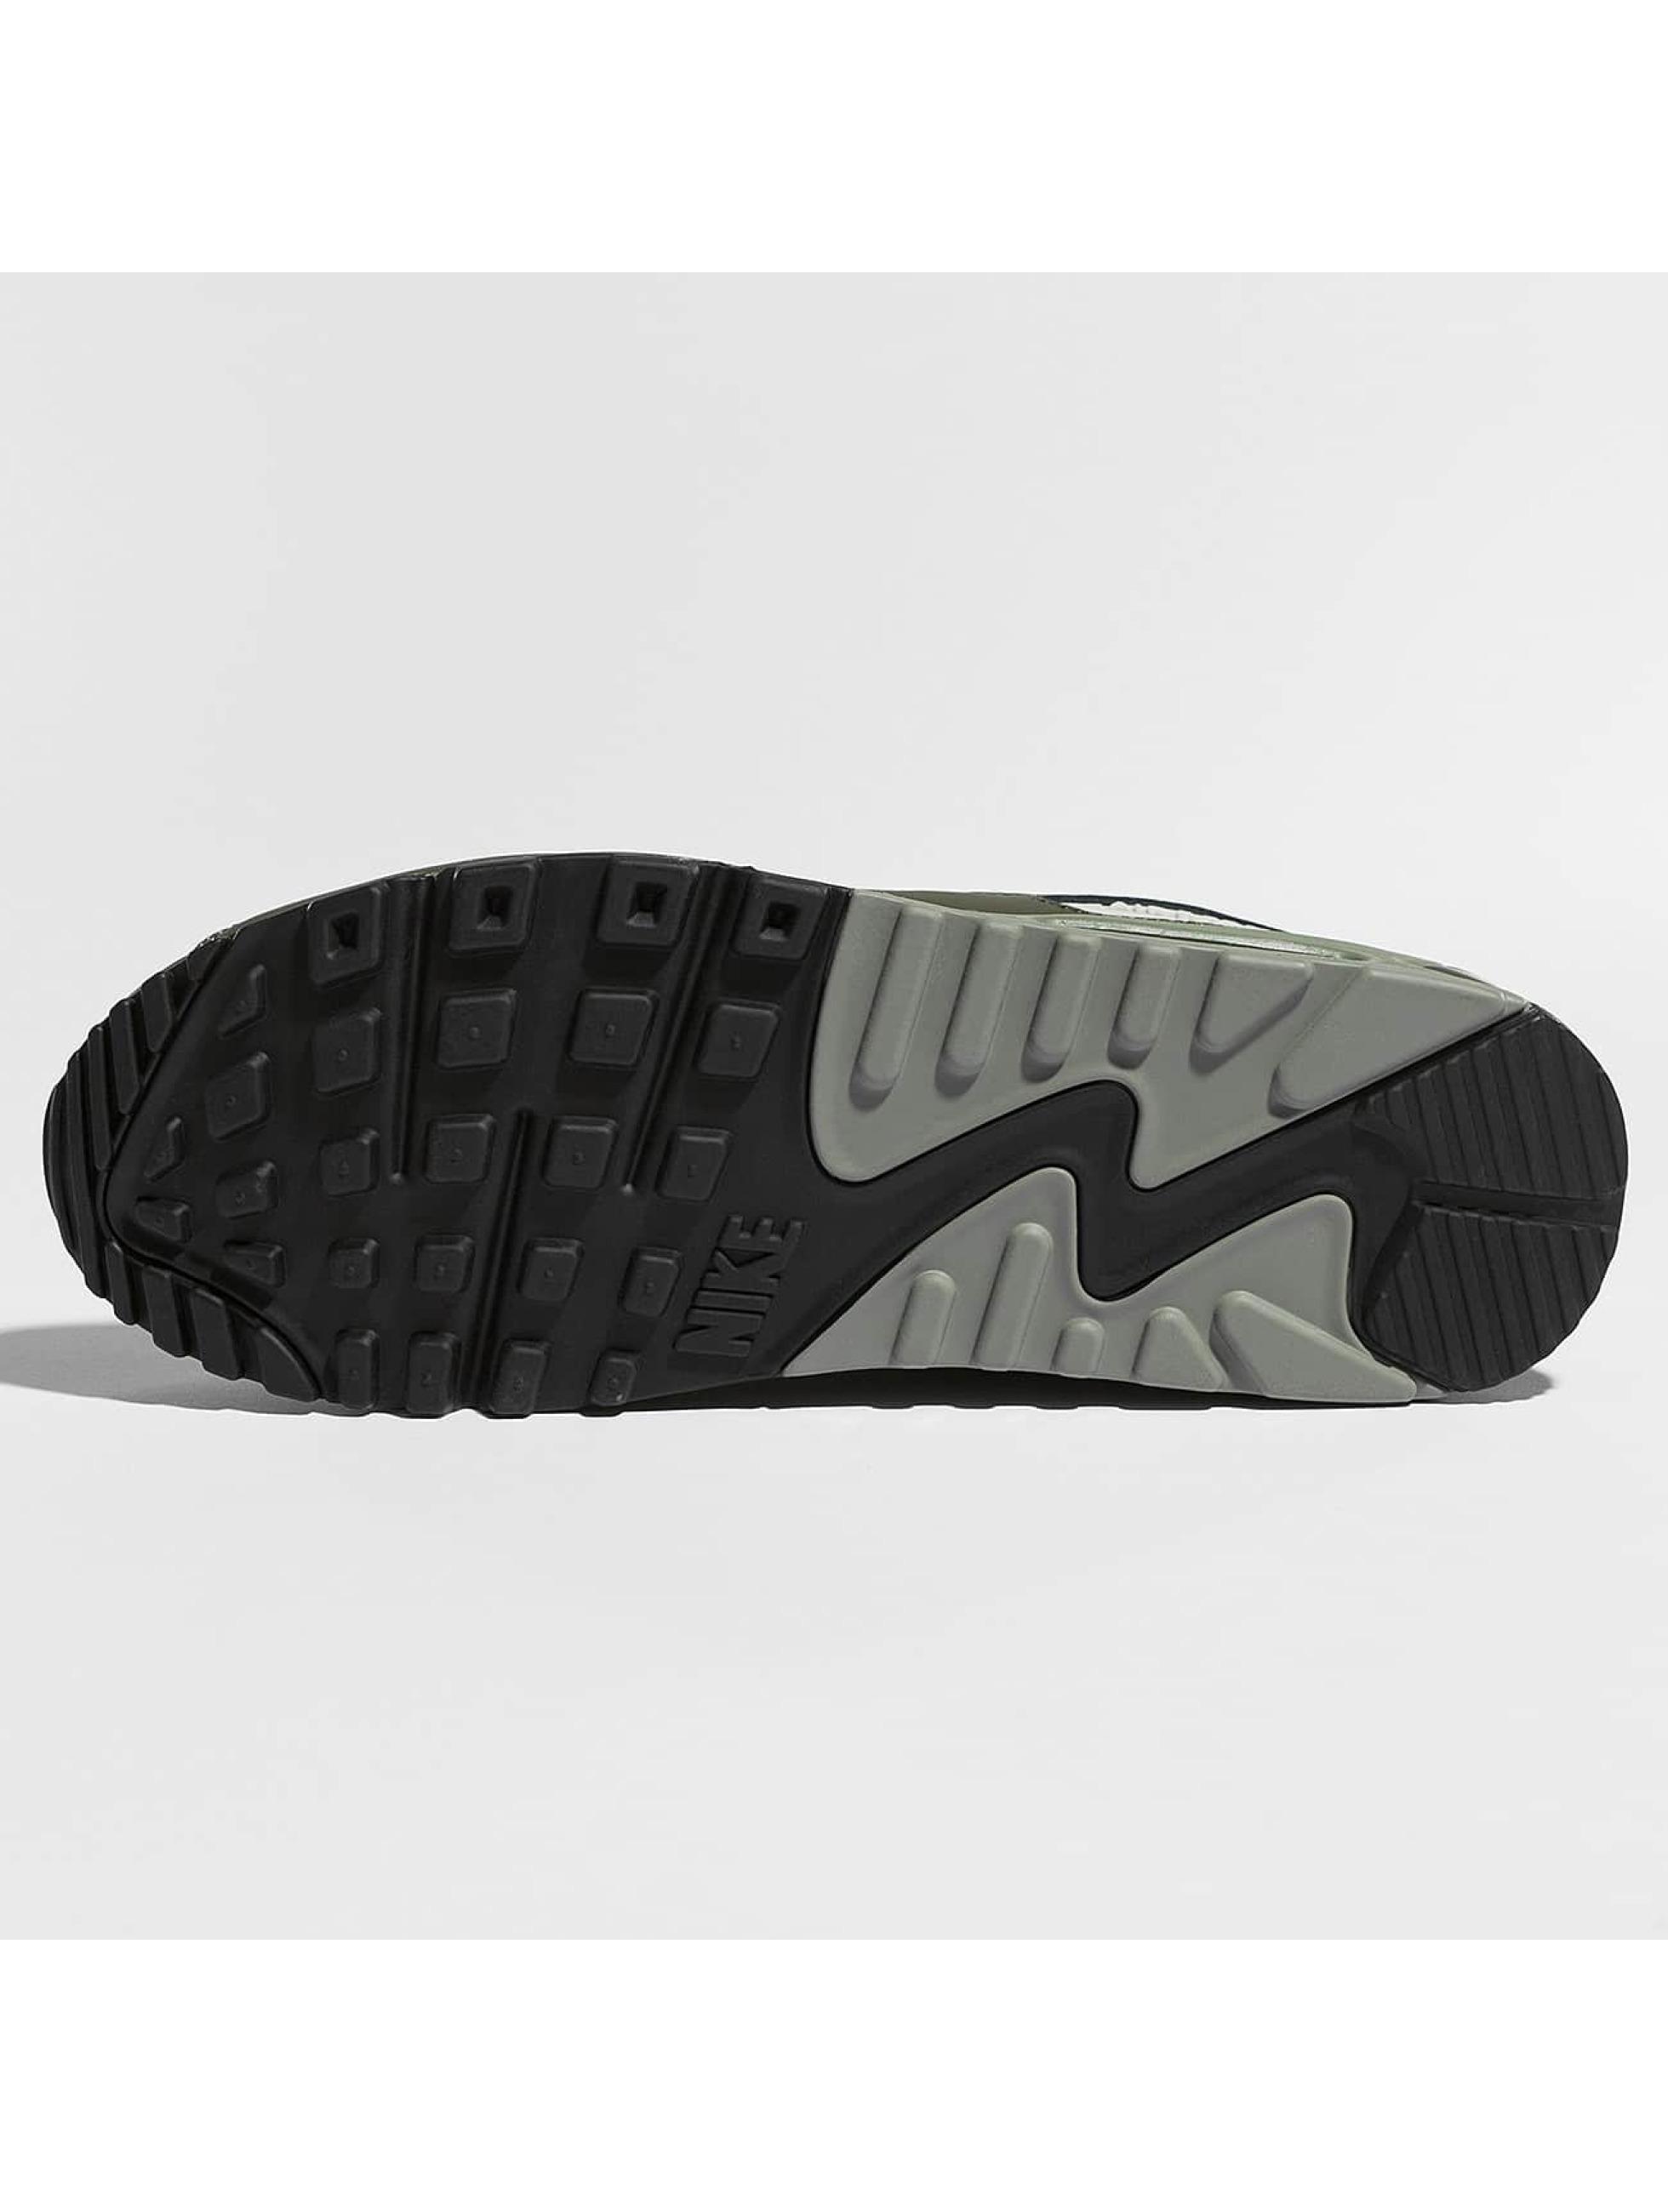 02686174ea3 Adidas Sko Udsalg, Dame & Herre Originals Sko Tilbud. Velkommen til adidas  Shop for adidas sko og se nye kollektioner til adidas Originals, løb,  fodbold, ...